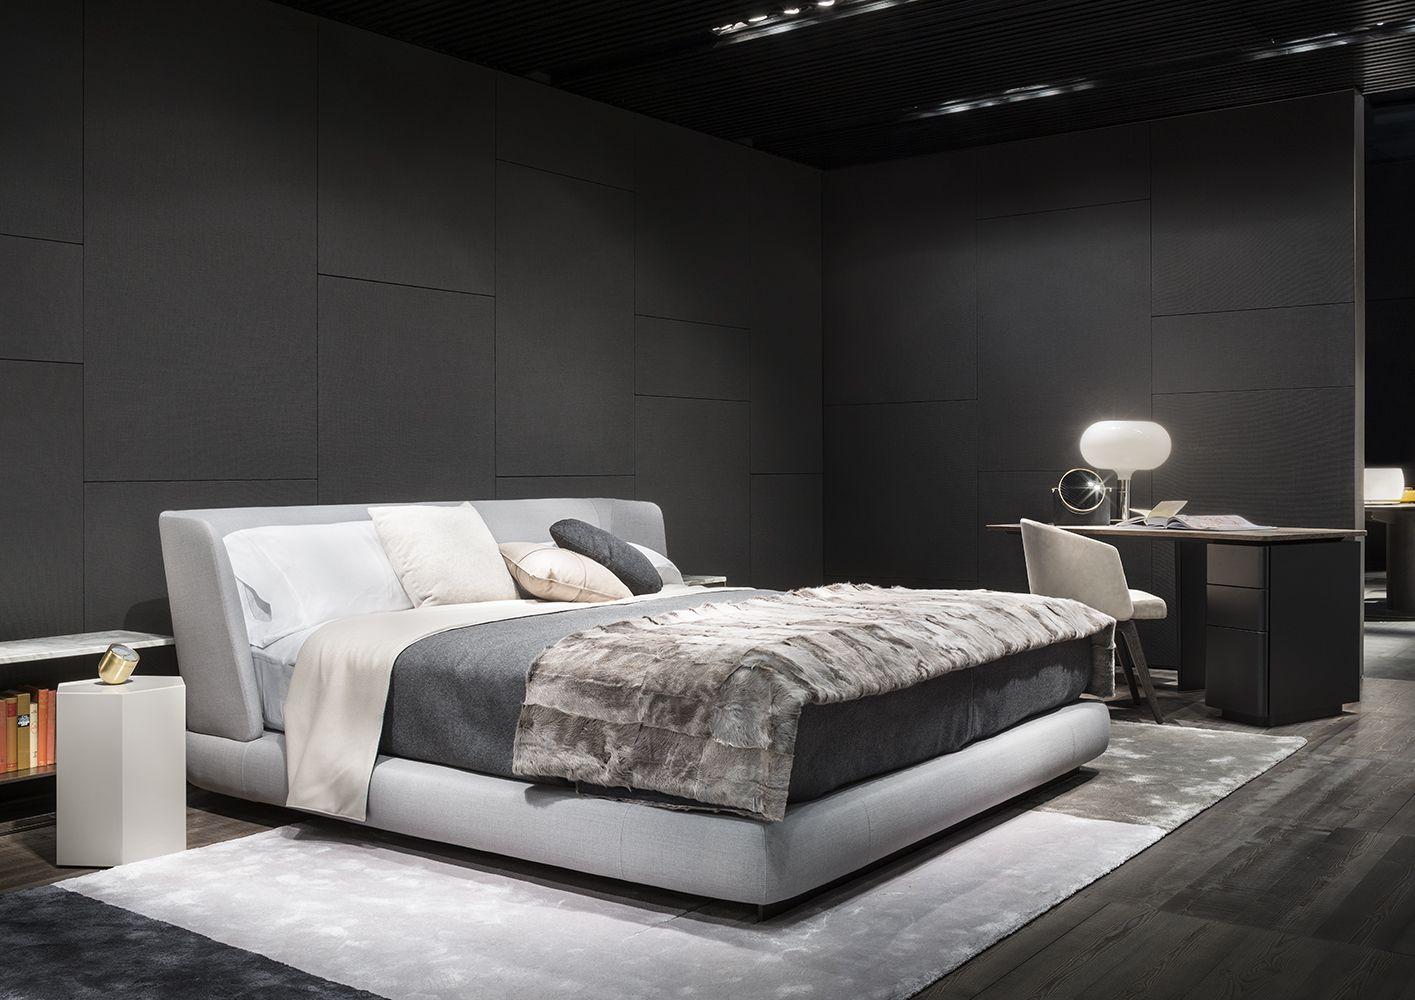 Minotti Camere Da Letto.Creed Bed Rodolfo Dordoni Design Minotti Imm Cologne 2017